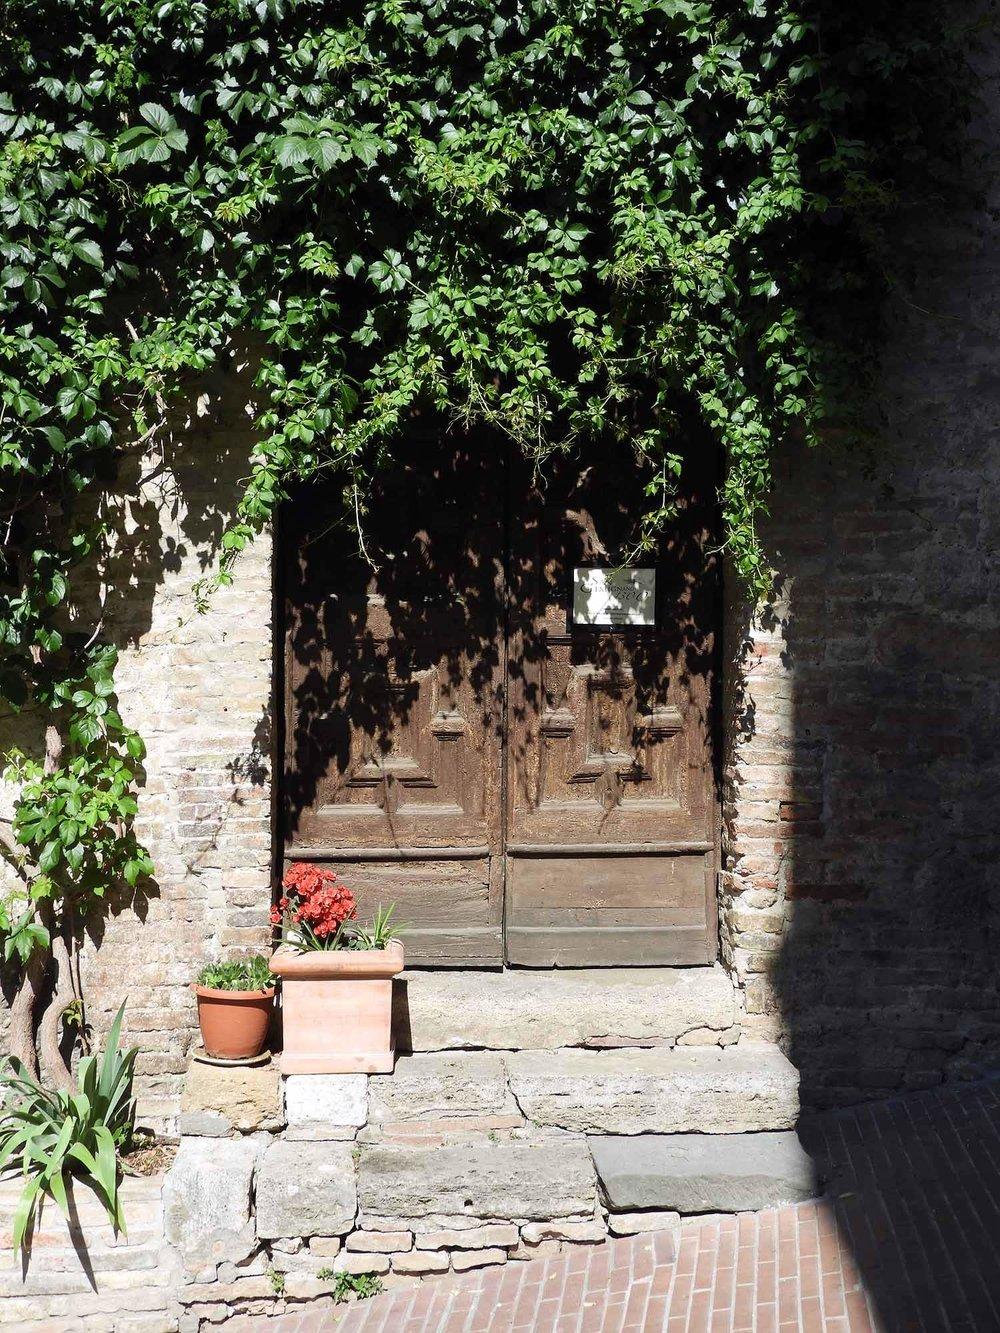 italy-italia-certaldo-old-tuscany-vines-doors.JPG